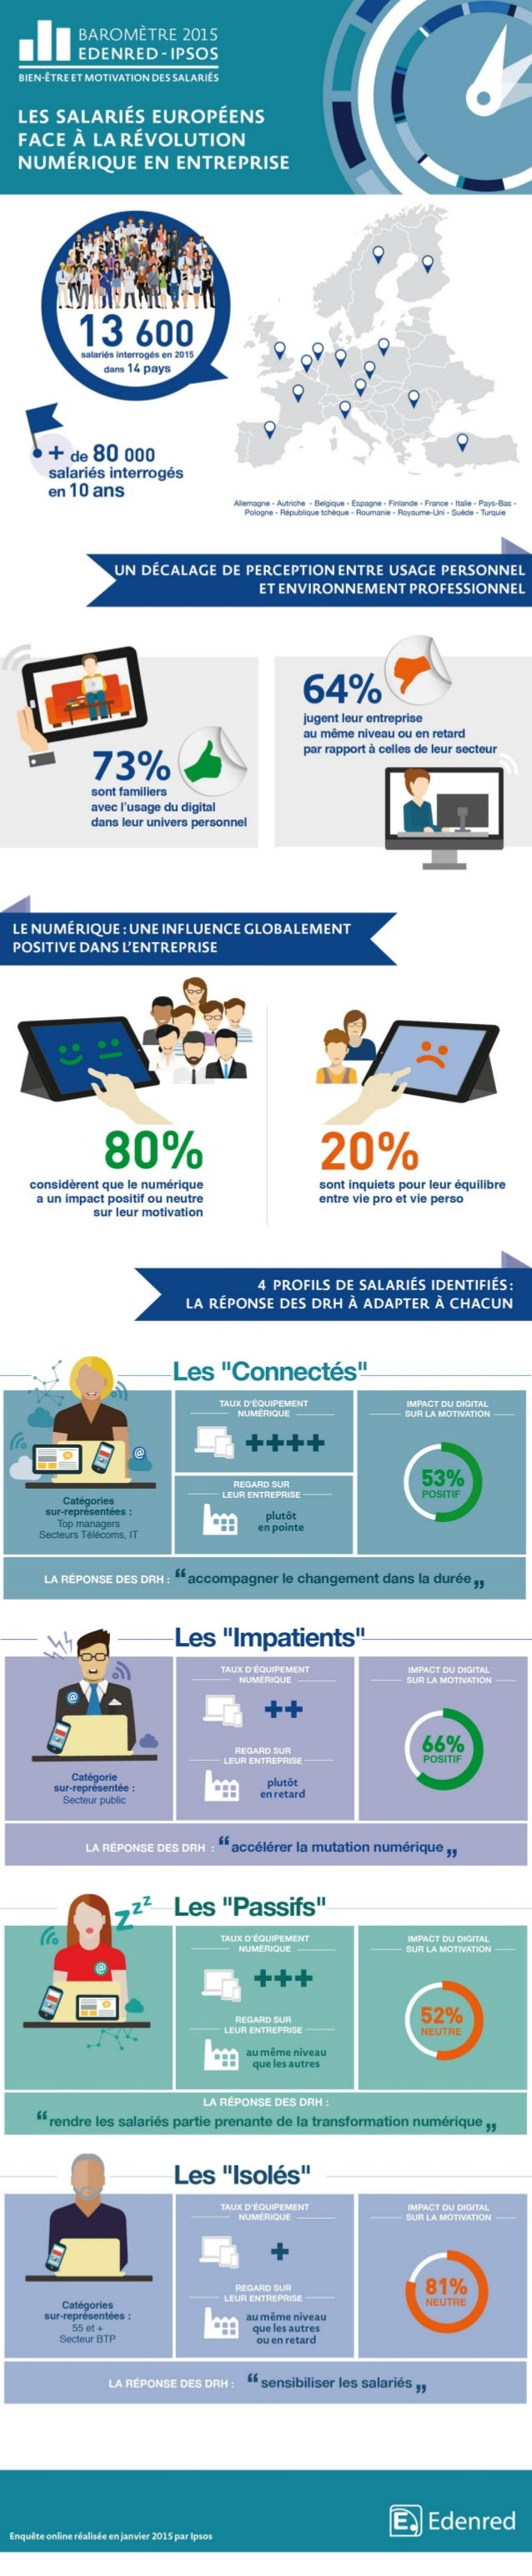 Infographie : Les salariés européens face à la révolution numérique des entreprises